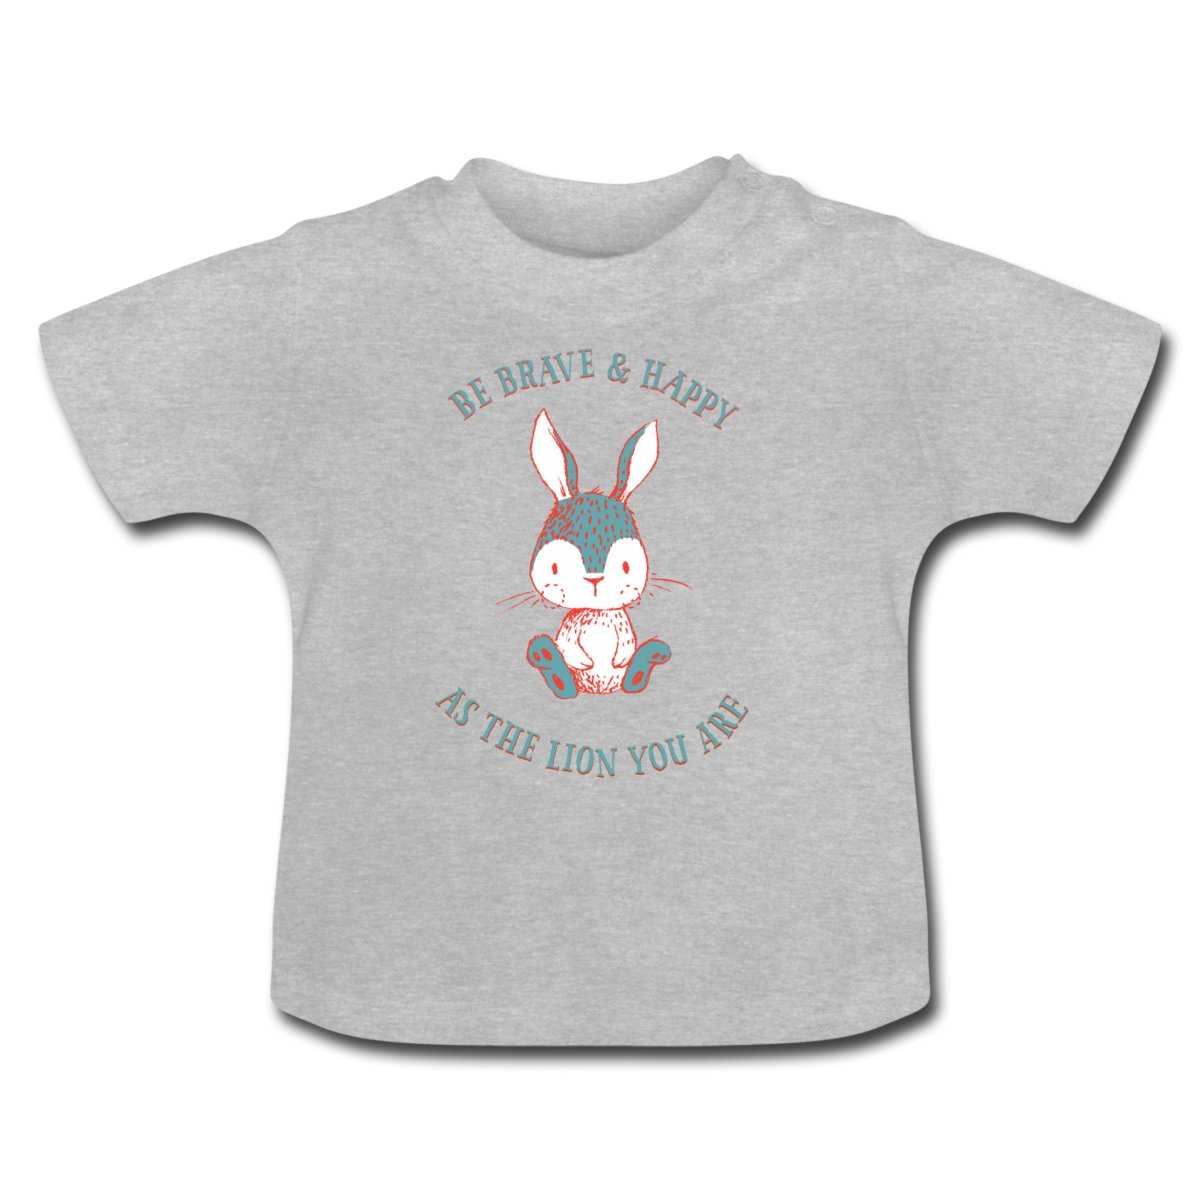 Grå baby t-shirt med kanintryck 189 kr